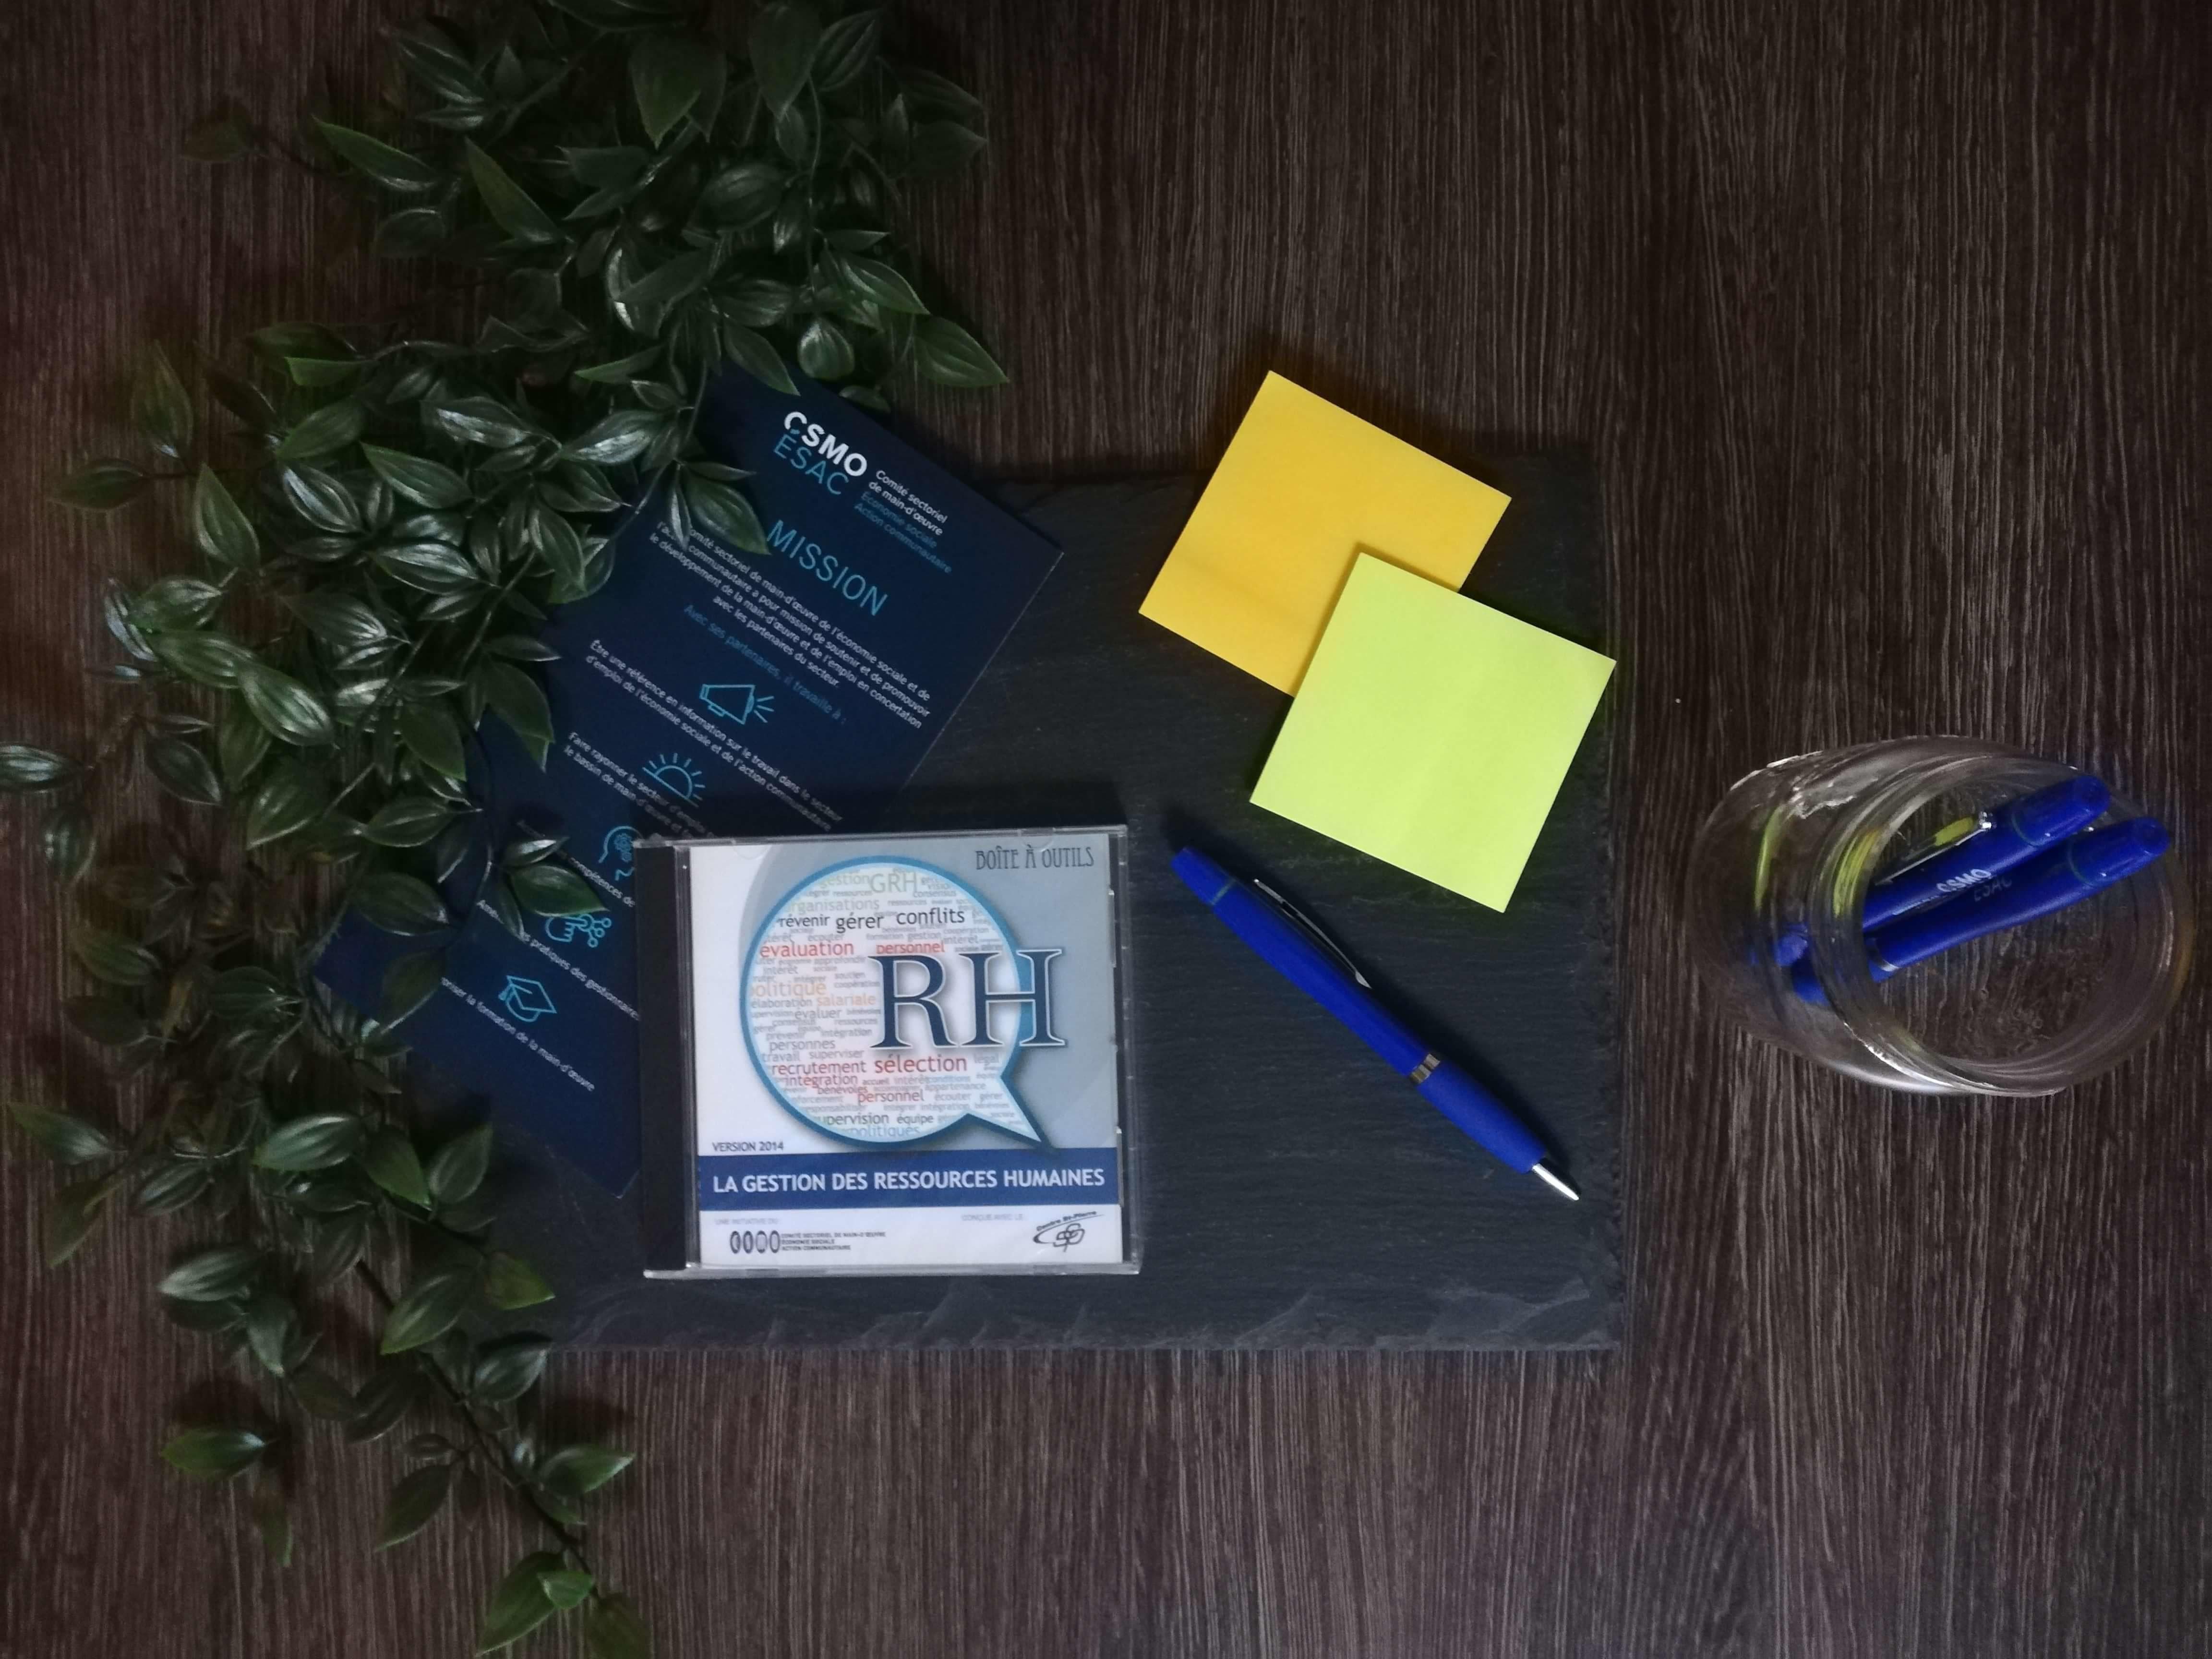 Boîte à outils : Gestion des ressources humaines